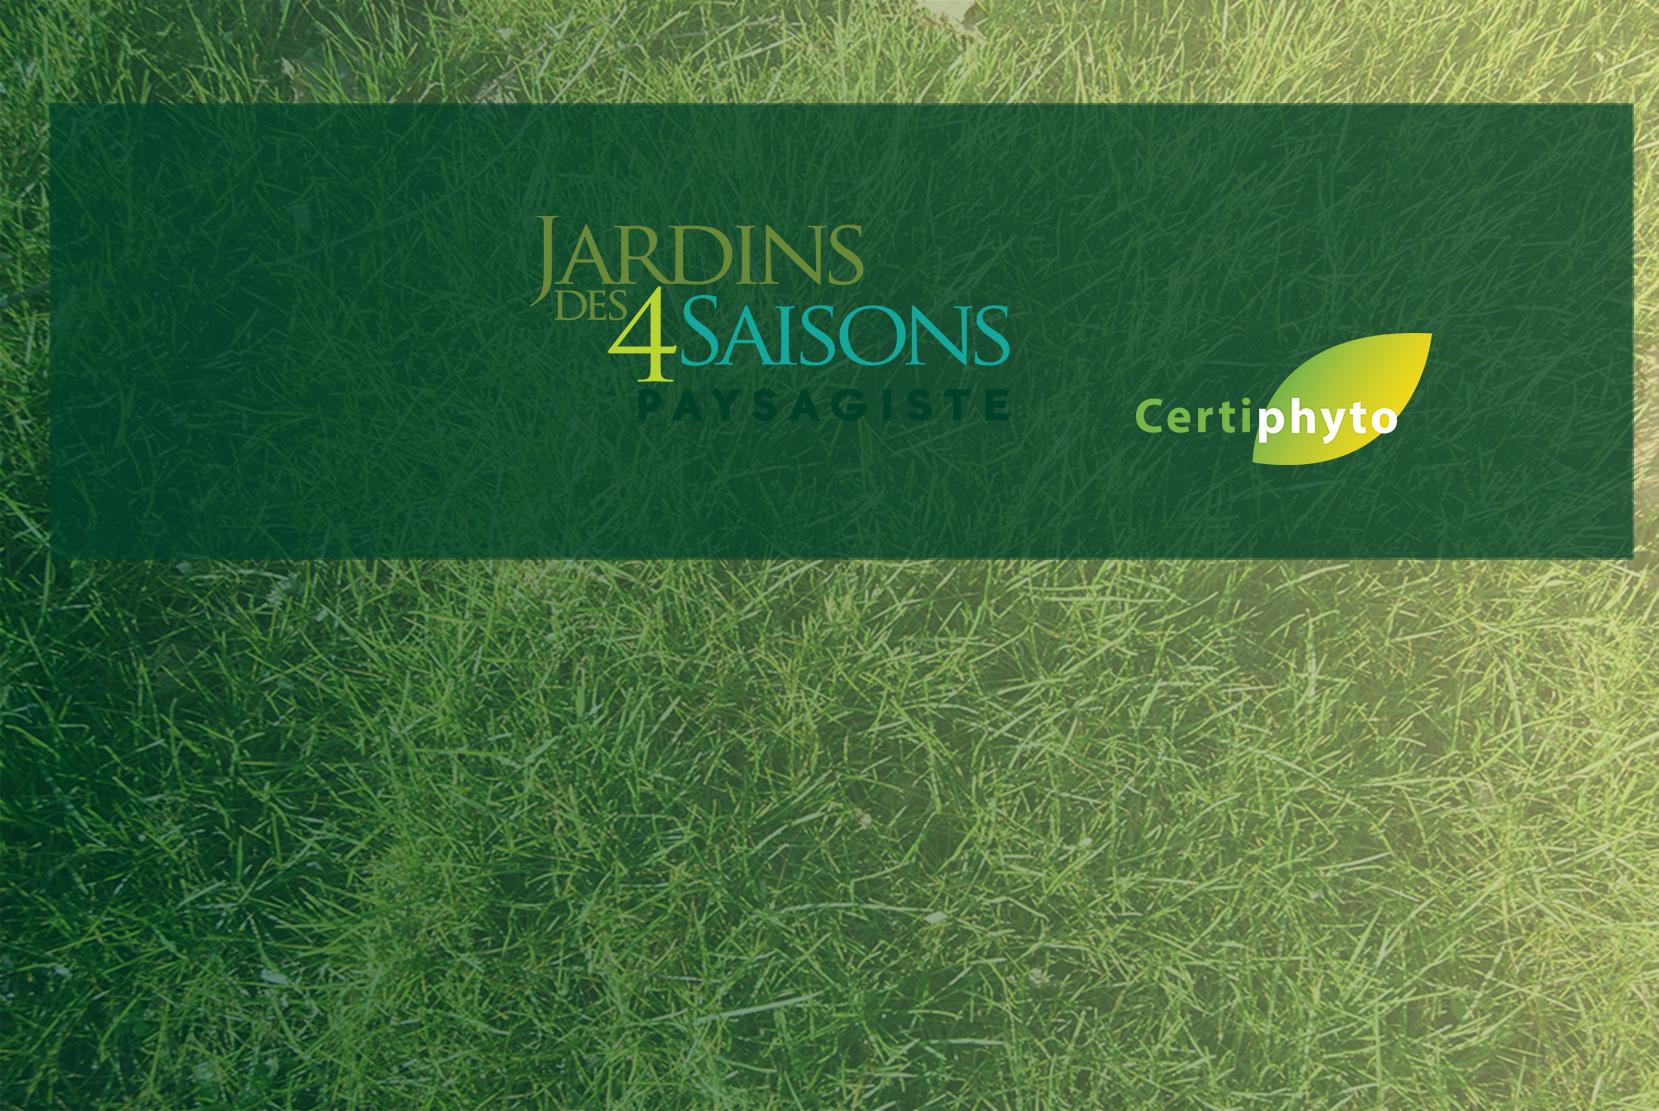 Certiphyto. Jardins des 4 saisons . Guer, Ploërmel, Redon, Plélan-Le-Grand, Maure de Bretagne